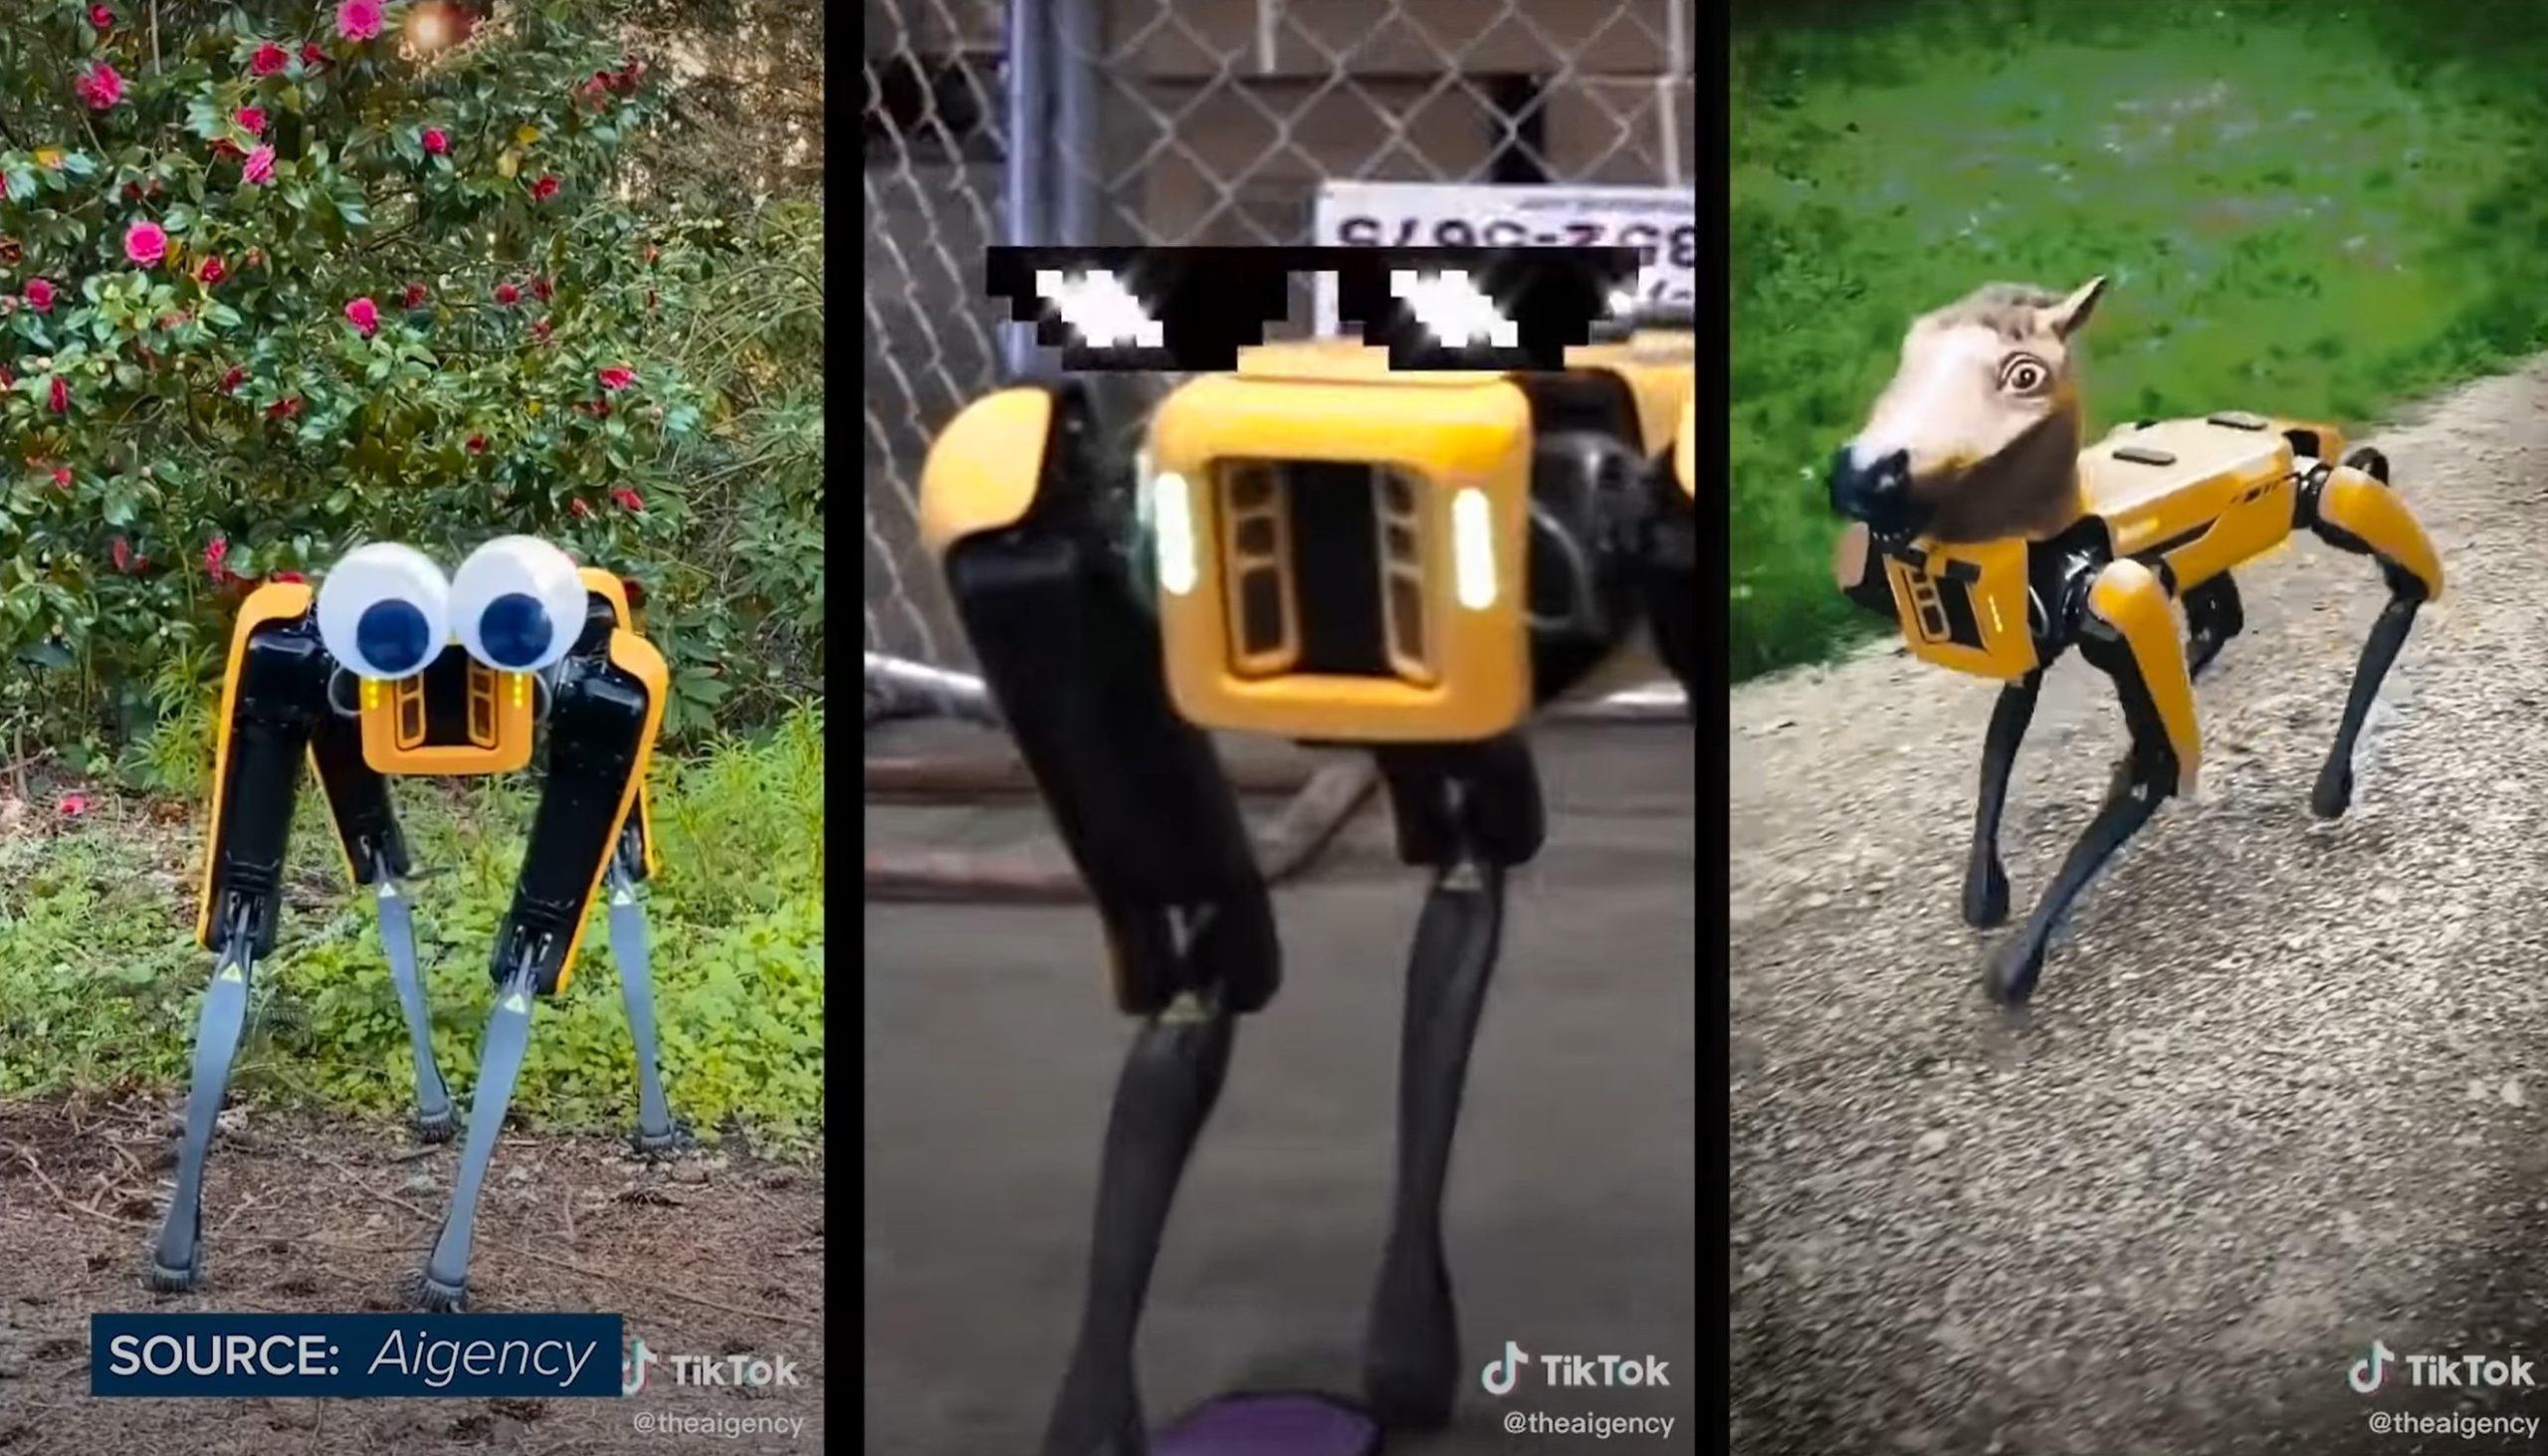 Kup sobie robota kroczącego. Za marne 74 tys. dolarów 15 spot